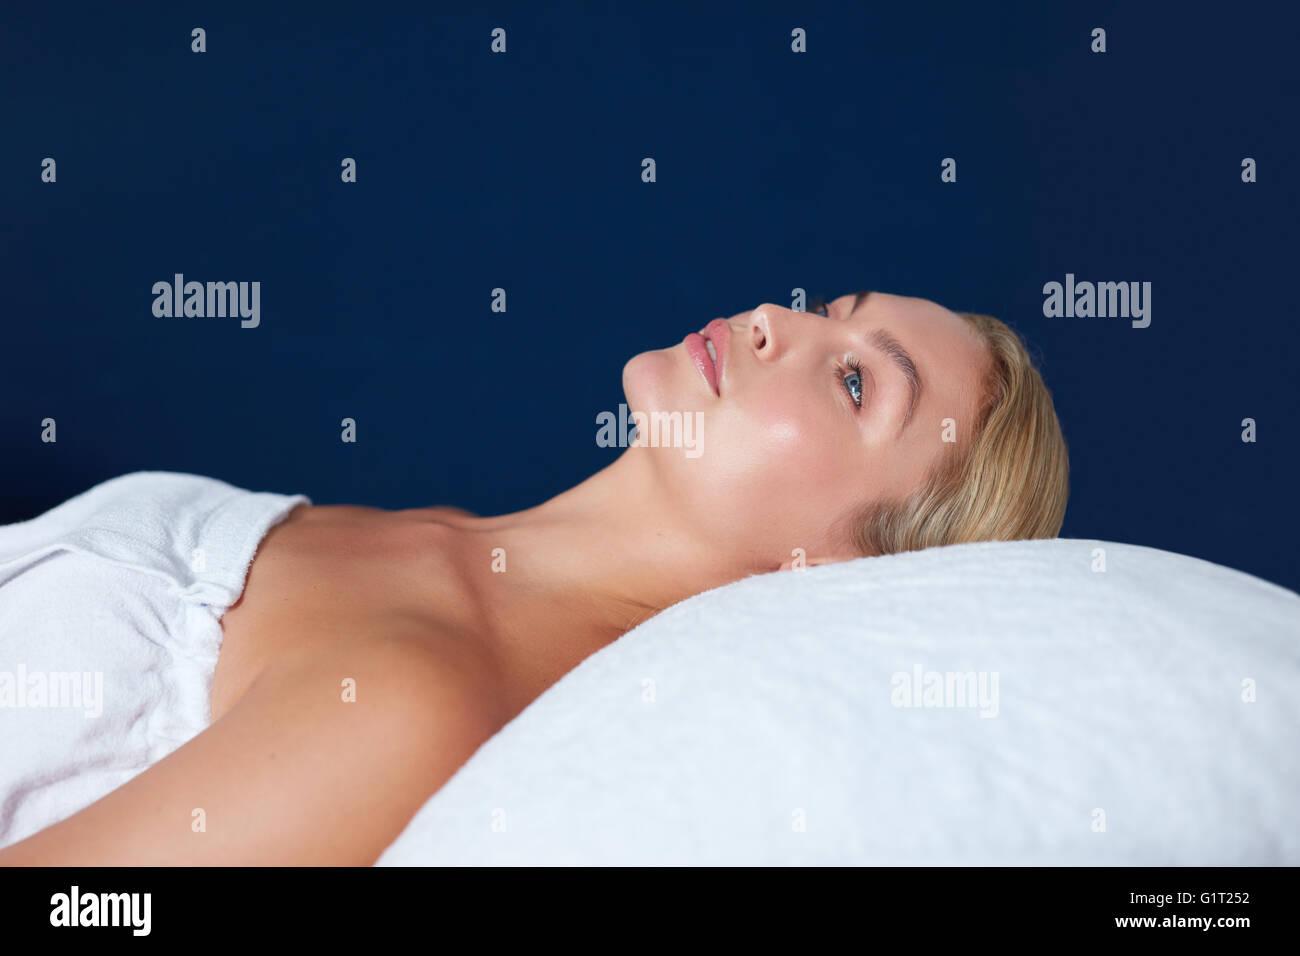 Richtungskontrolle Blick der jungen Frau liegt auf massage-Bett. Schöne Frau wartet auf ihren Spa-Behandlung Stockbild